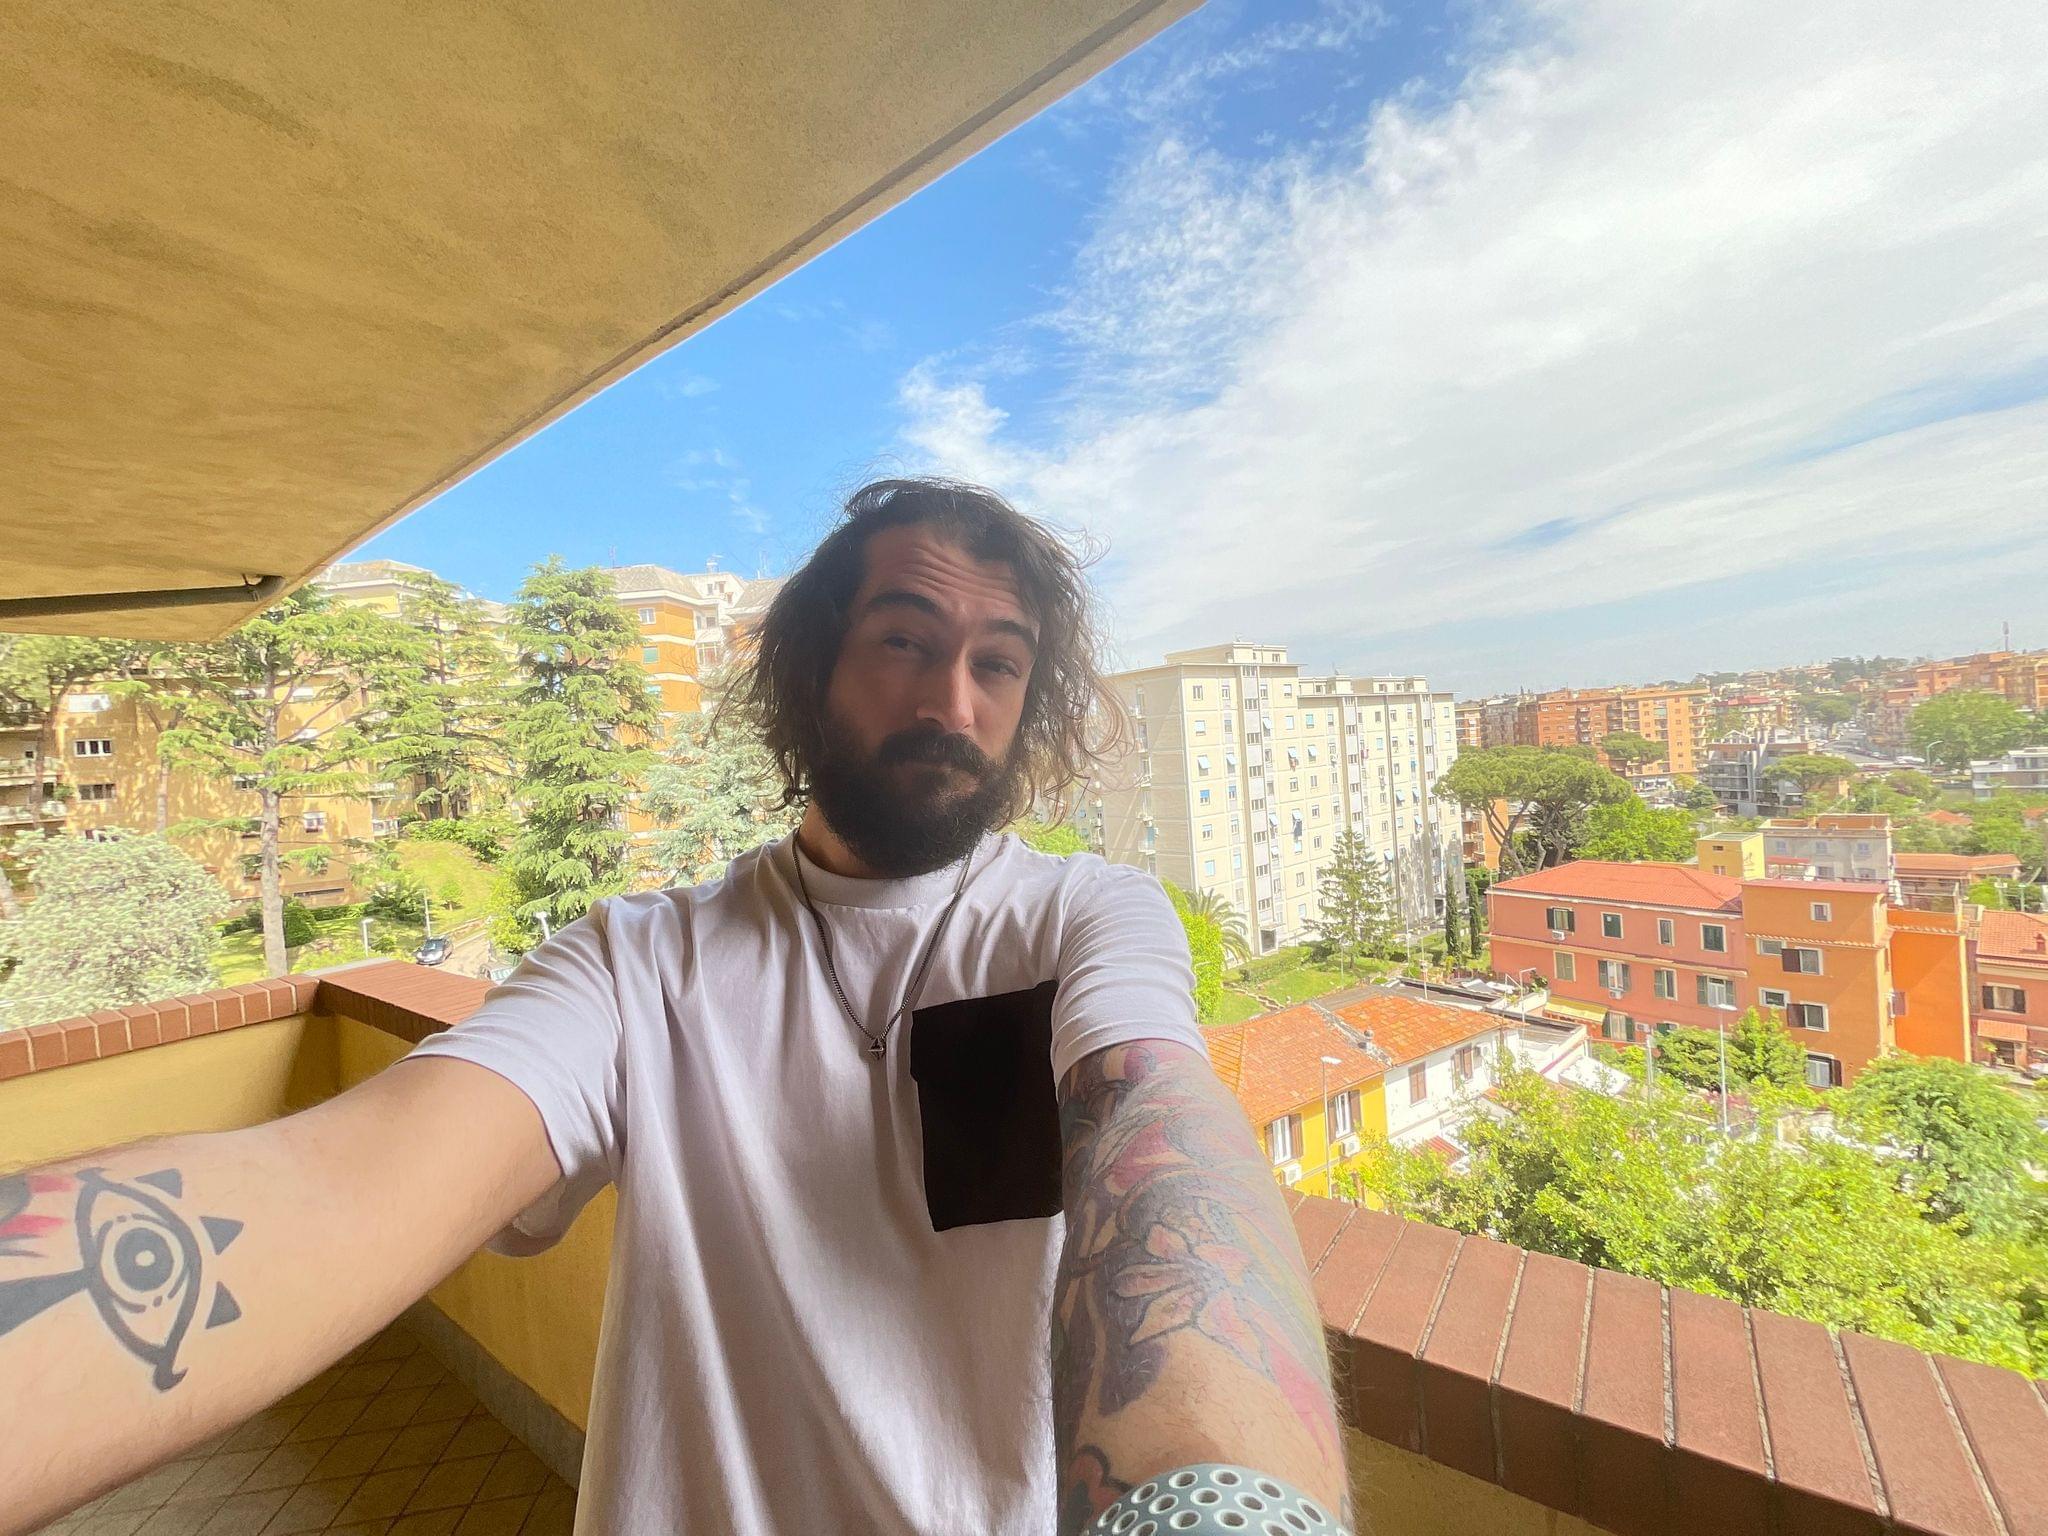 An ultra-wide selfie taken on iPad Pro.